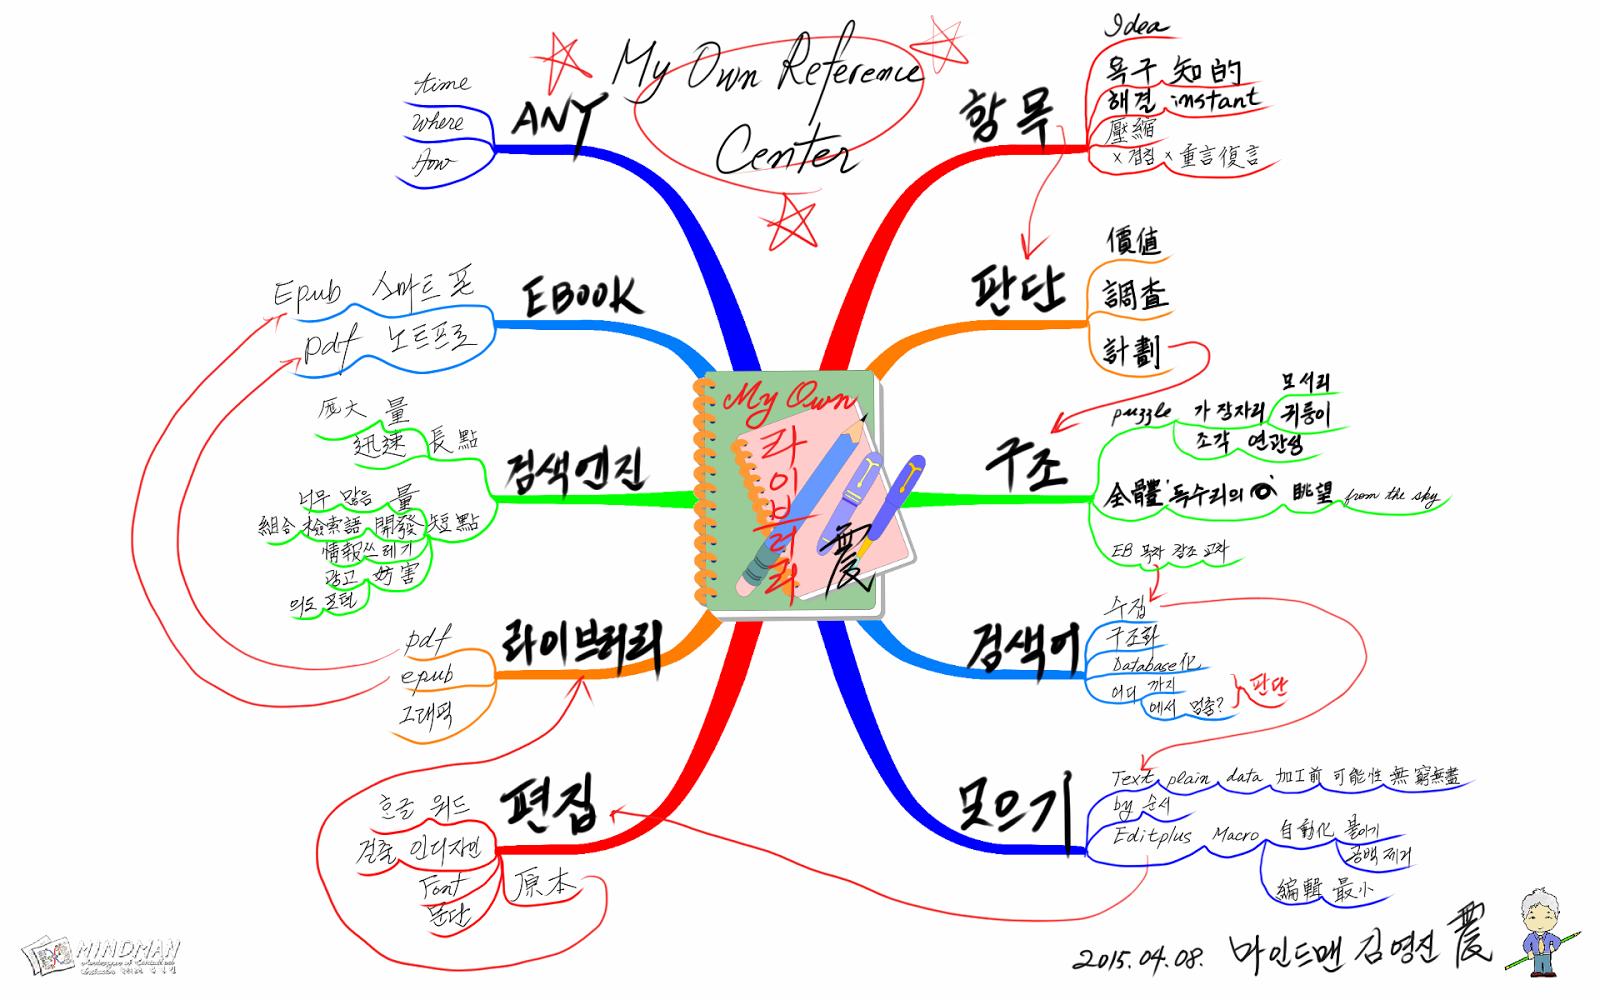 마인드맨의 디지털 마인드맵 이야기: 마인드맵 강좌 제20강 ...